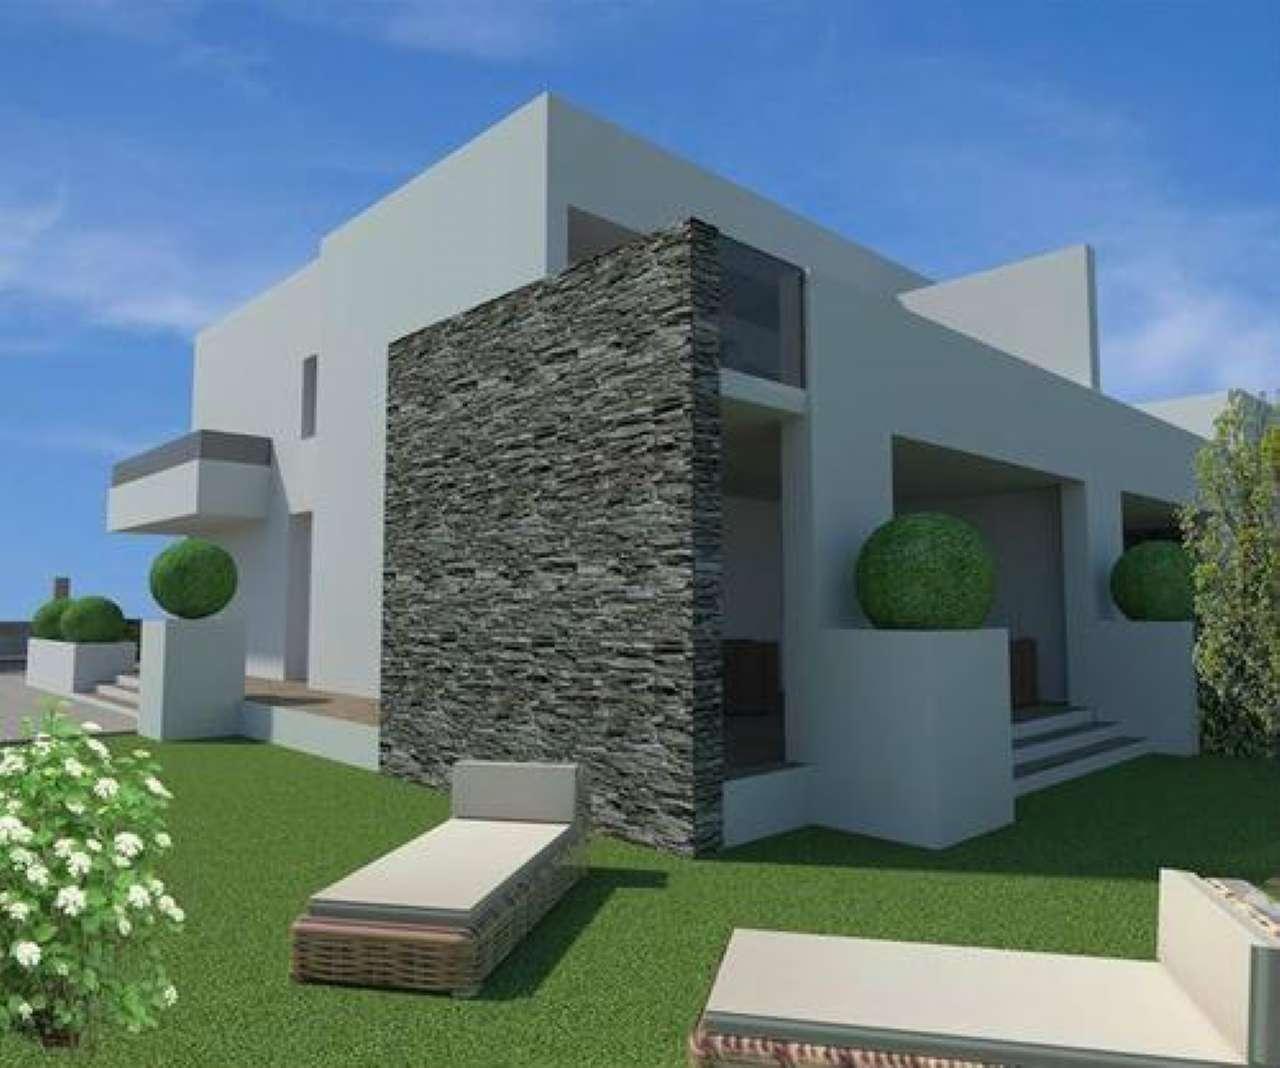 Villa Bifamiliare in vendita a Villabate, 4 locali, prezzo € 280.000   Cambio Casa.it